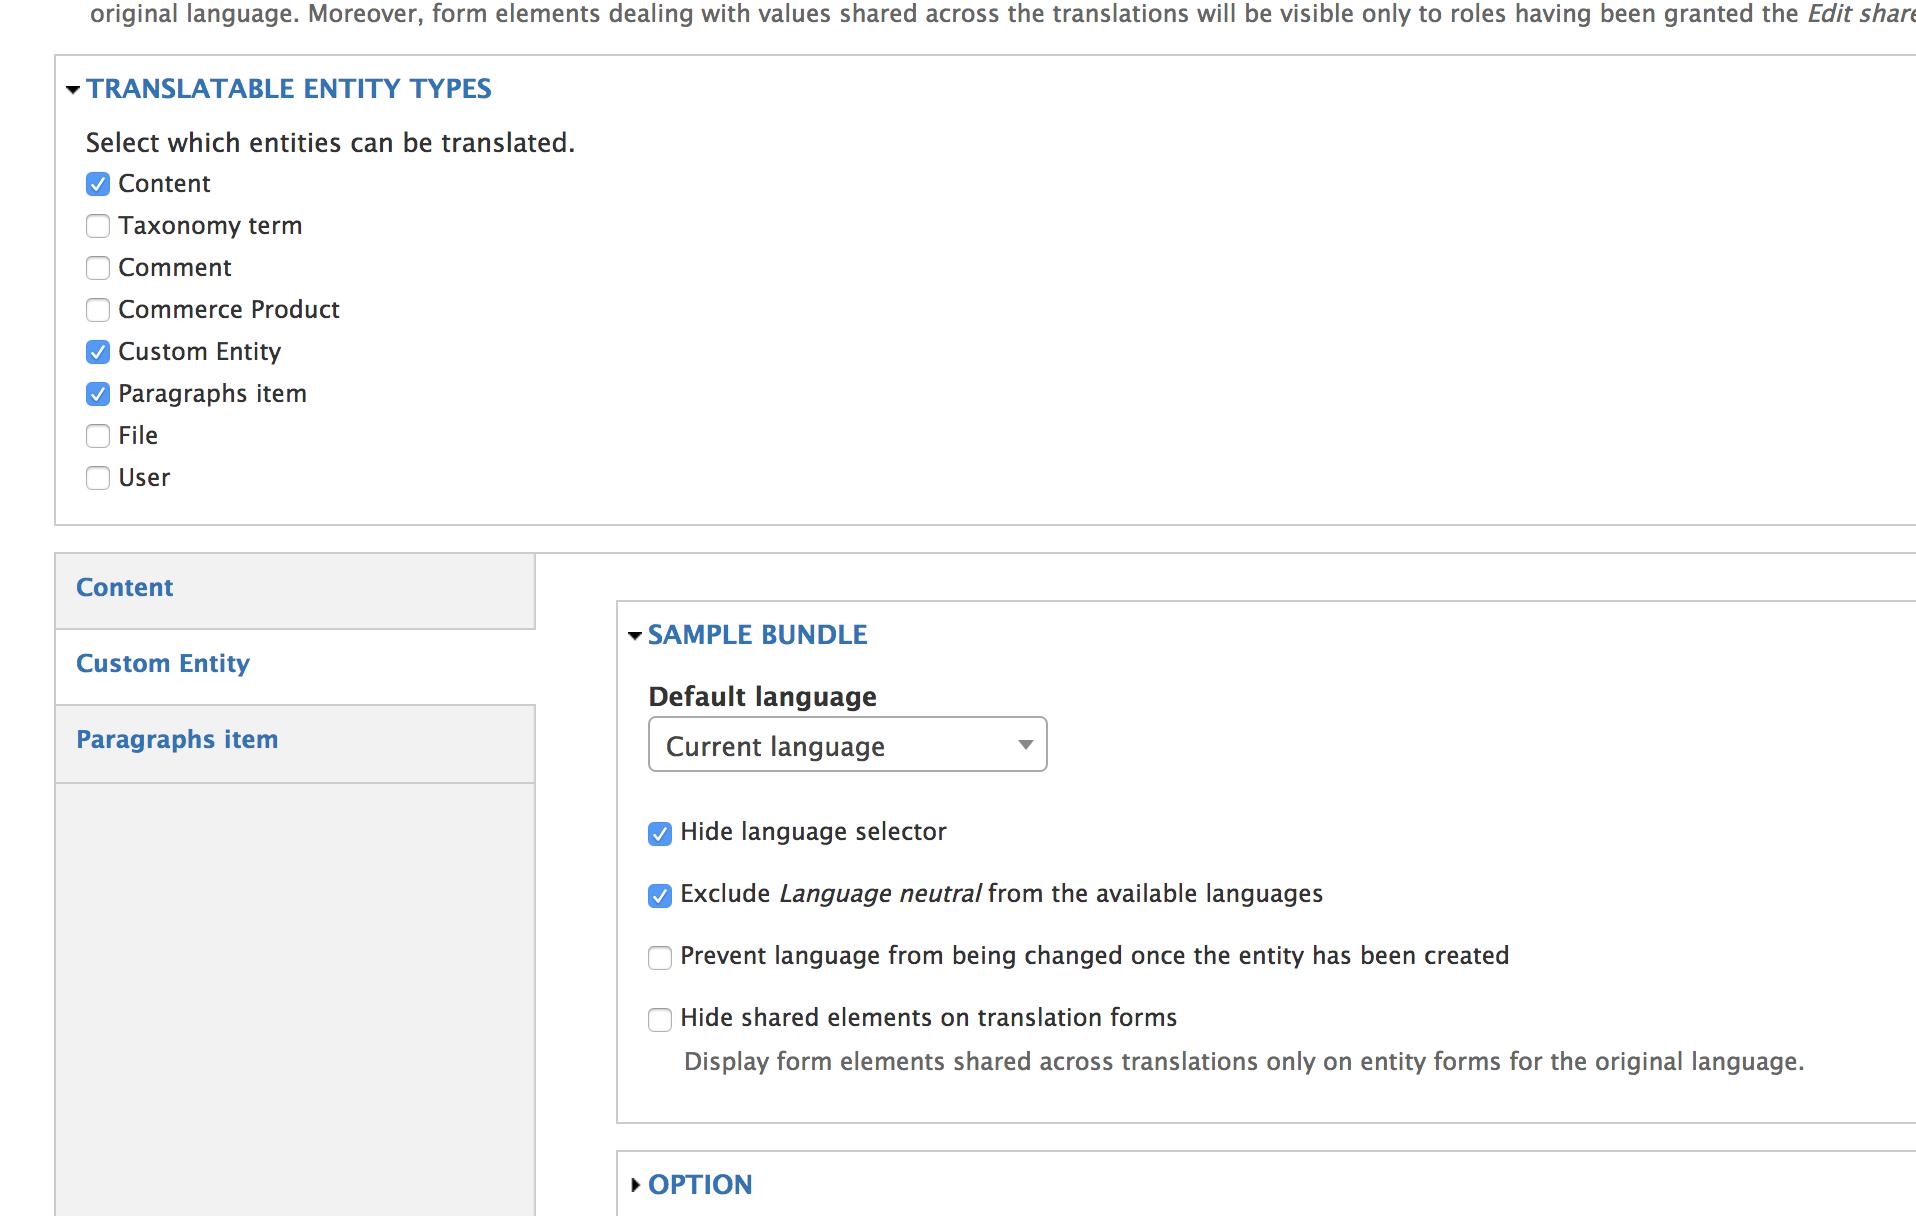 Extending Drupal Translations for Custom Entity in Drupal 7